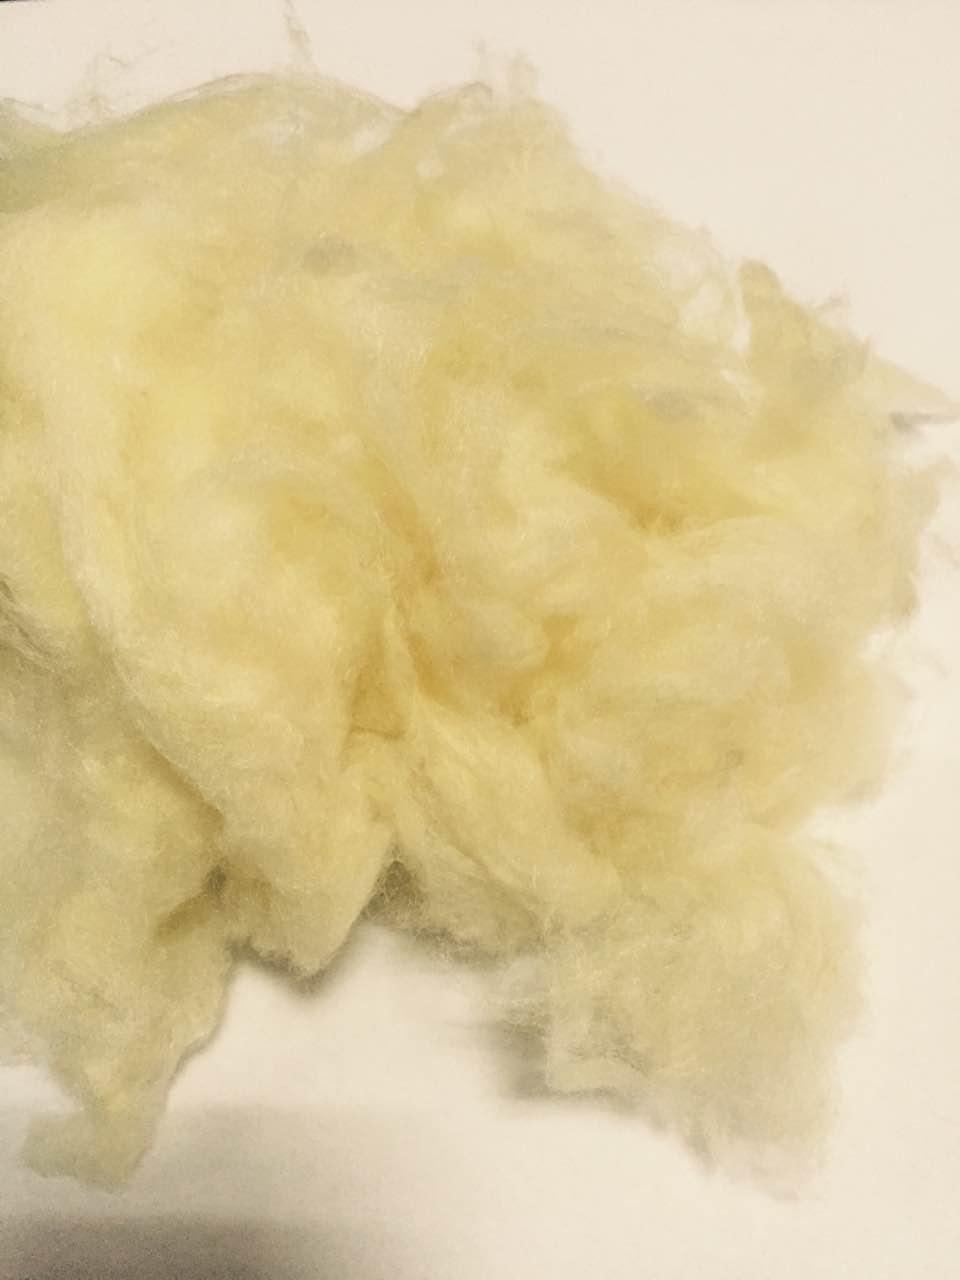 苏州专业的混纺短纤维|口碑好的PTFE纤维